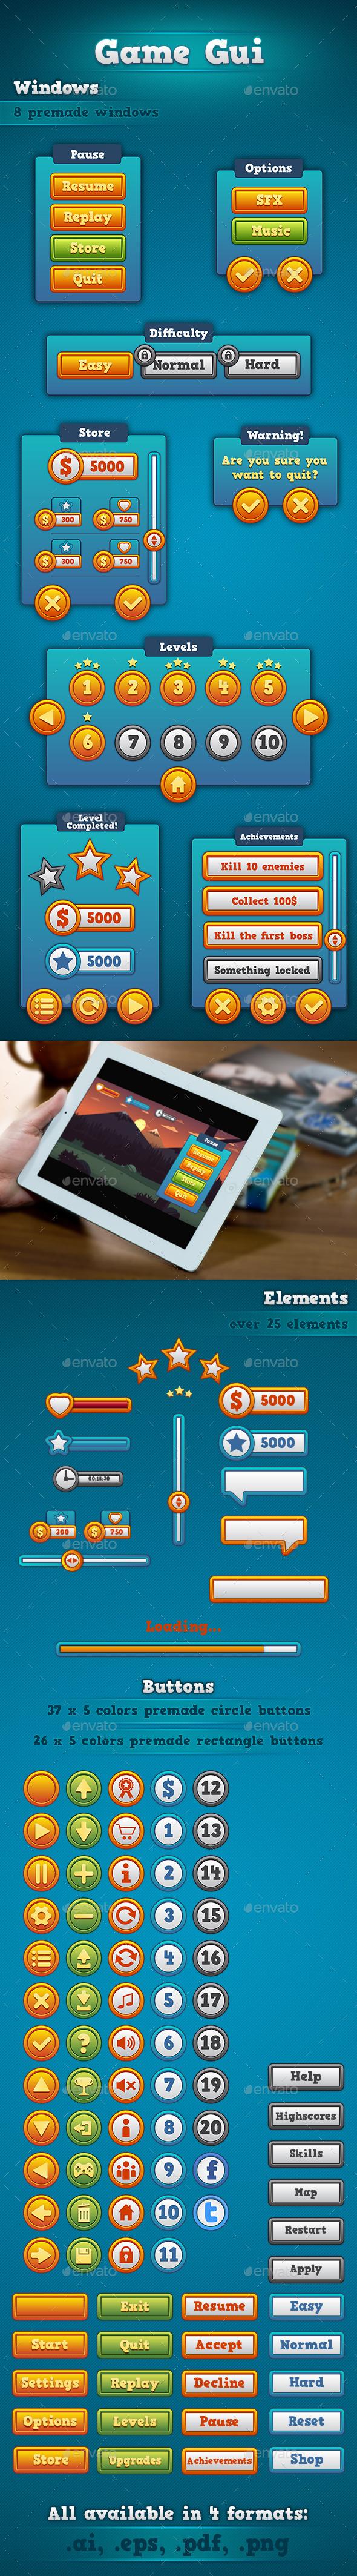 GraphicRiver Game GUI 9080744